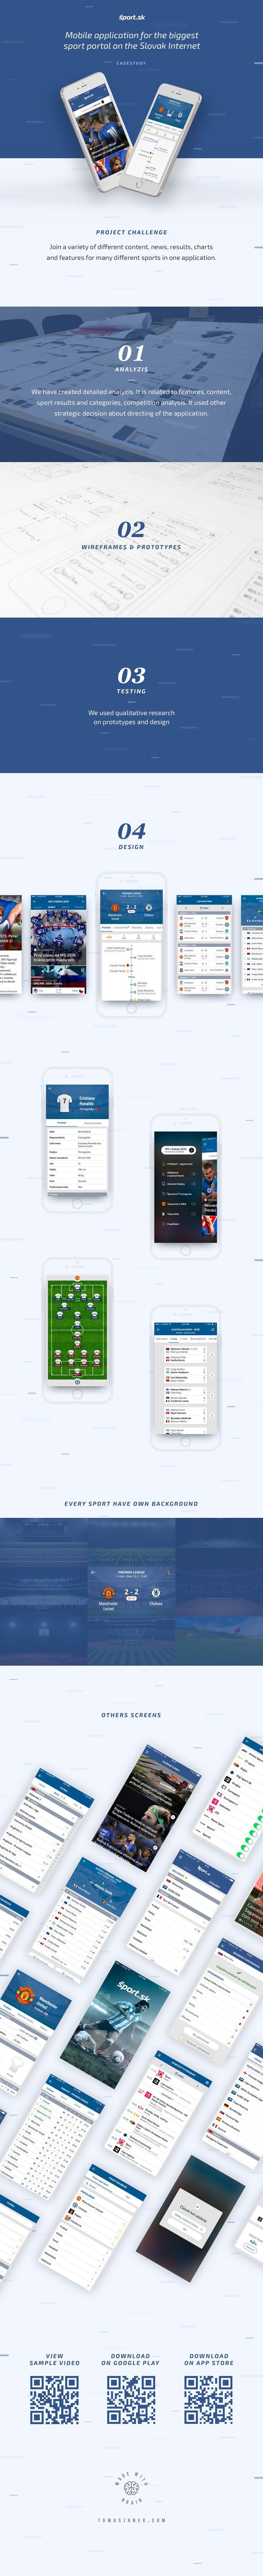 Mobile application for the biggest sport portal on the Slovak Internet. Designer: Tomas Janek